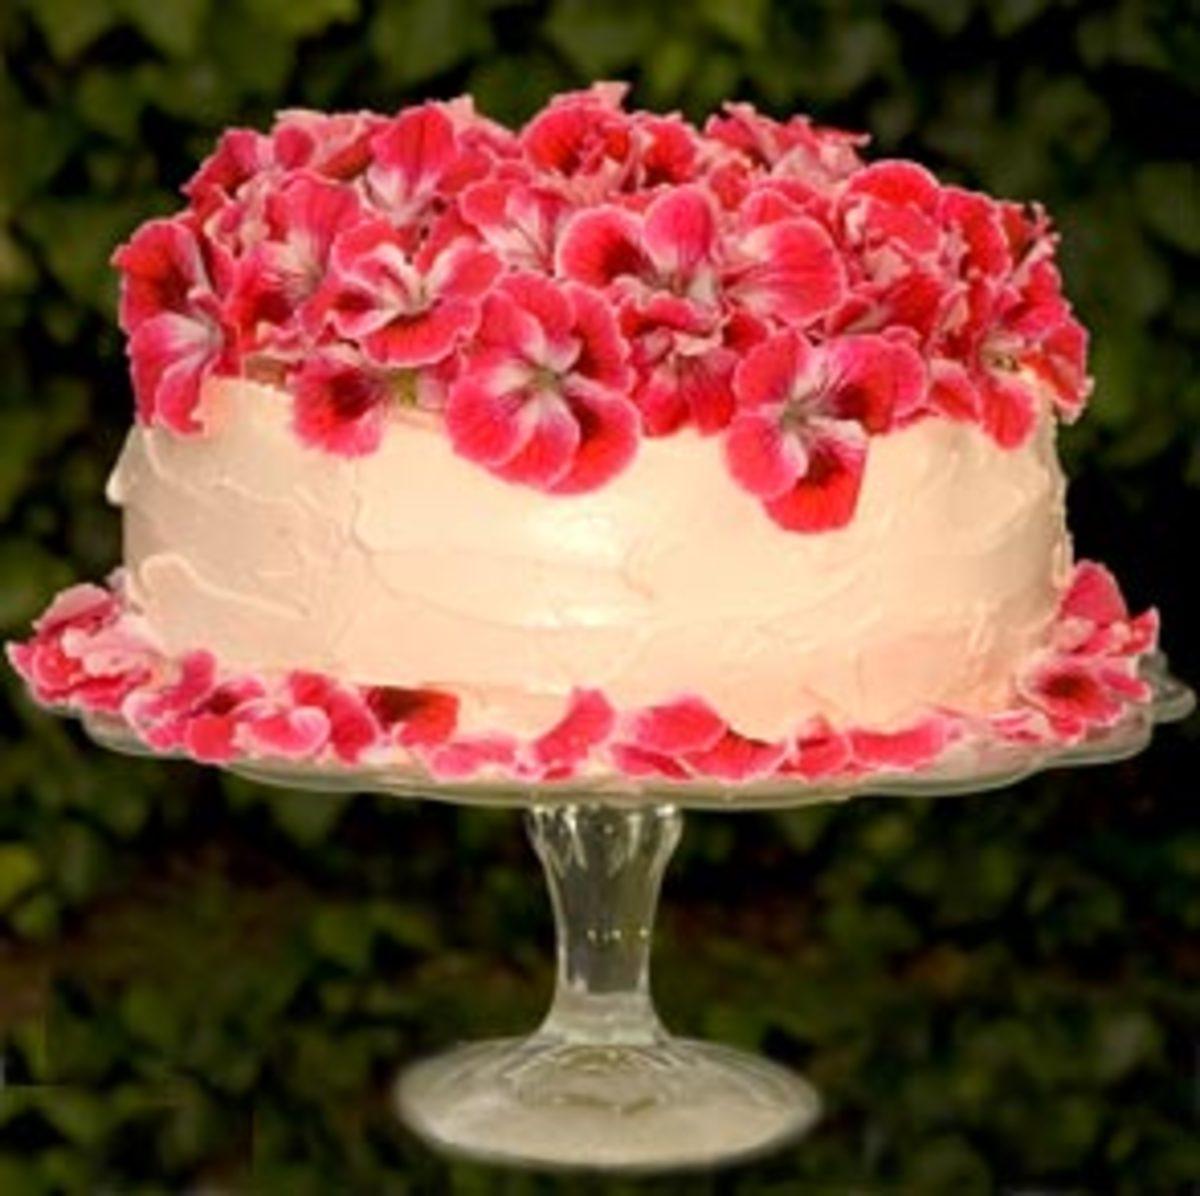 geranium_cake2